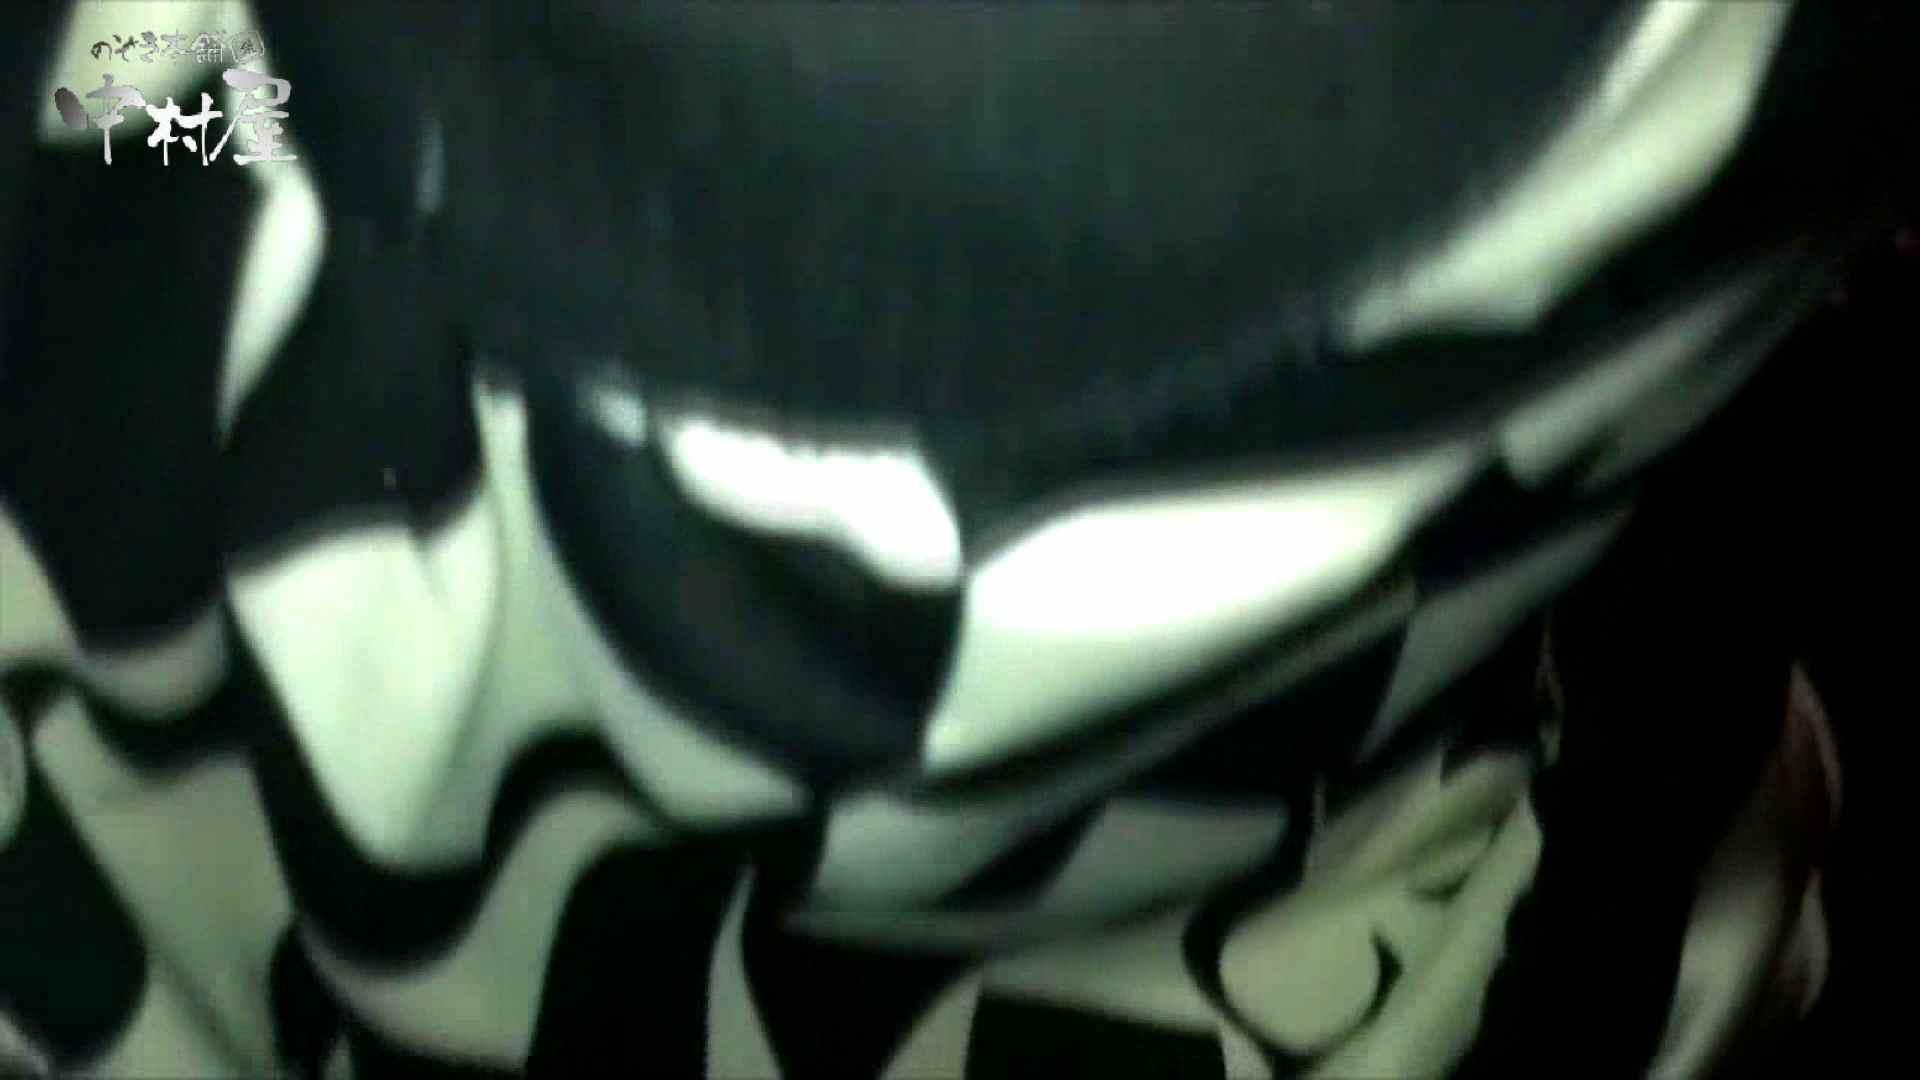 欲望 リアルドール Case.14 Yちゃん女子大生 二回目登場 ギャルのエロ生活   女子大生のエロ生活  25連発 25